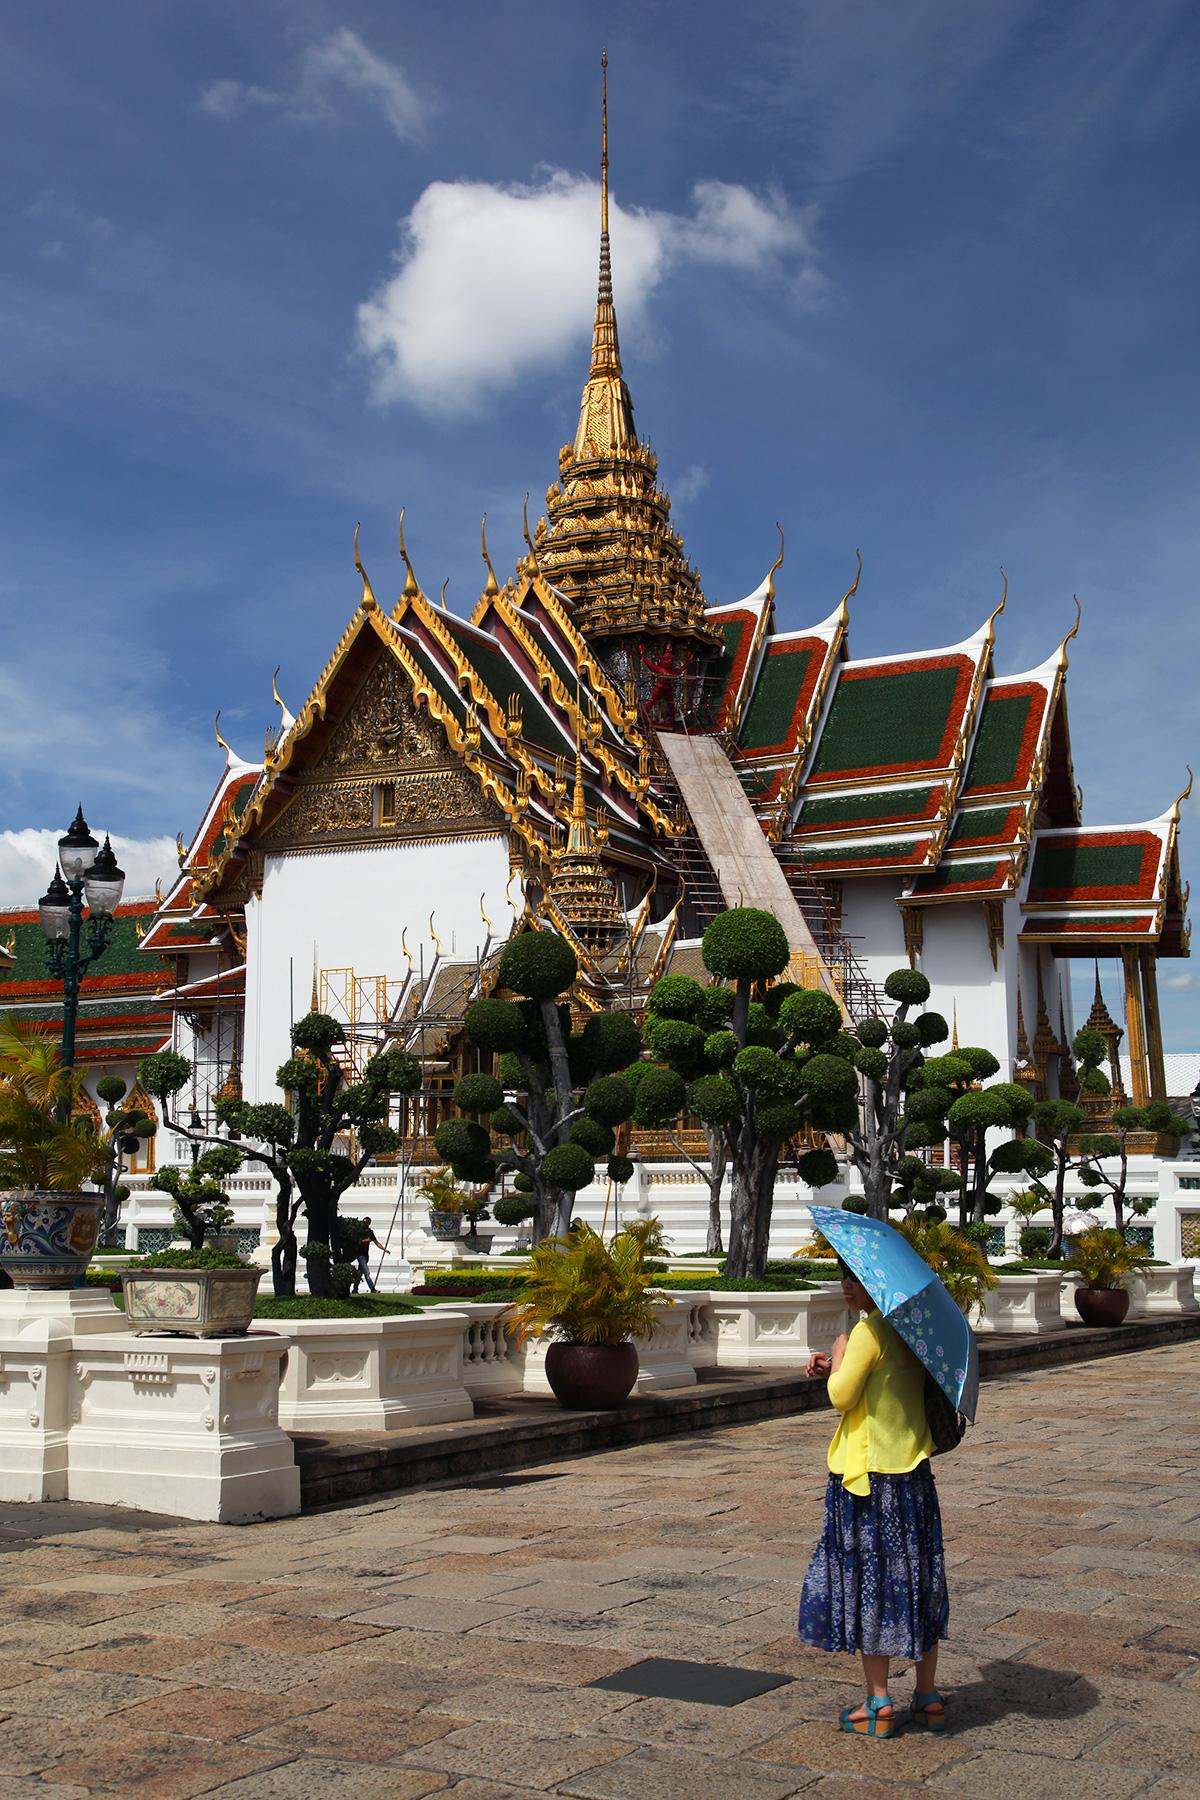 tempels-bangkok-thailand-5